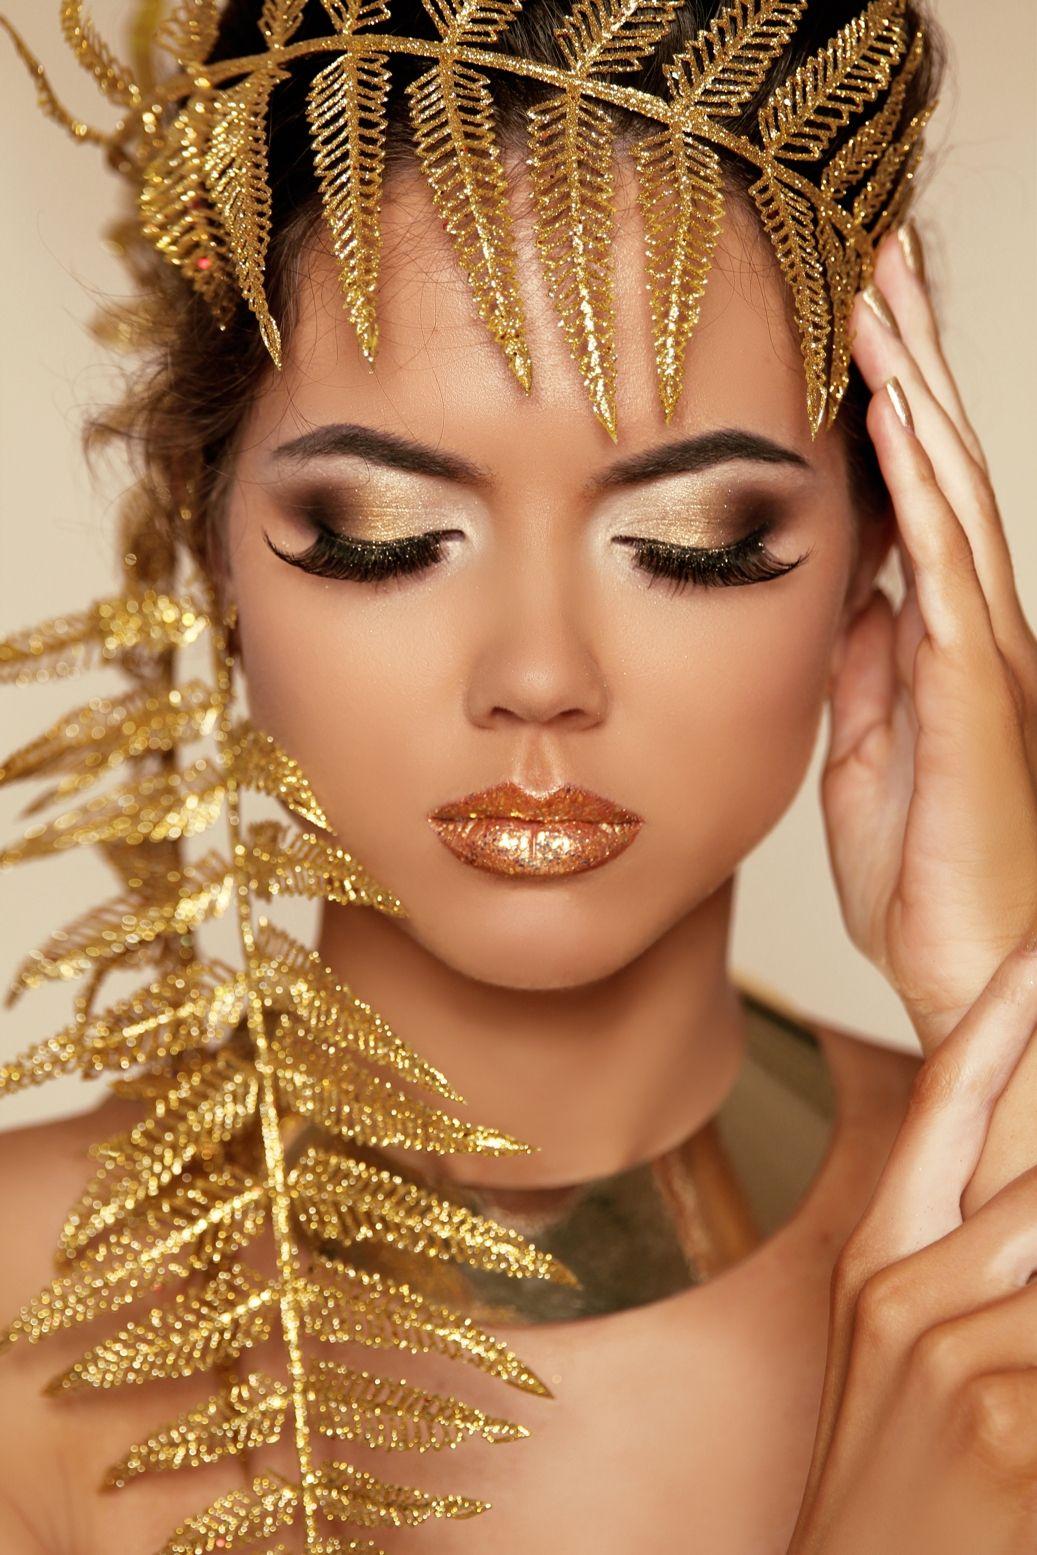 Golden Modern Goddess / Karen Cox | Modern Goddess | Pinterest | Goddesses Modern And Makeup